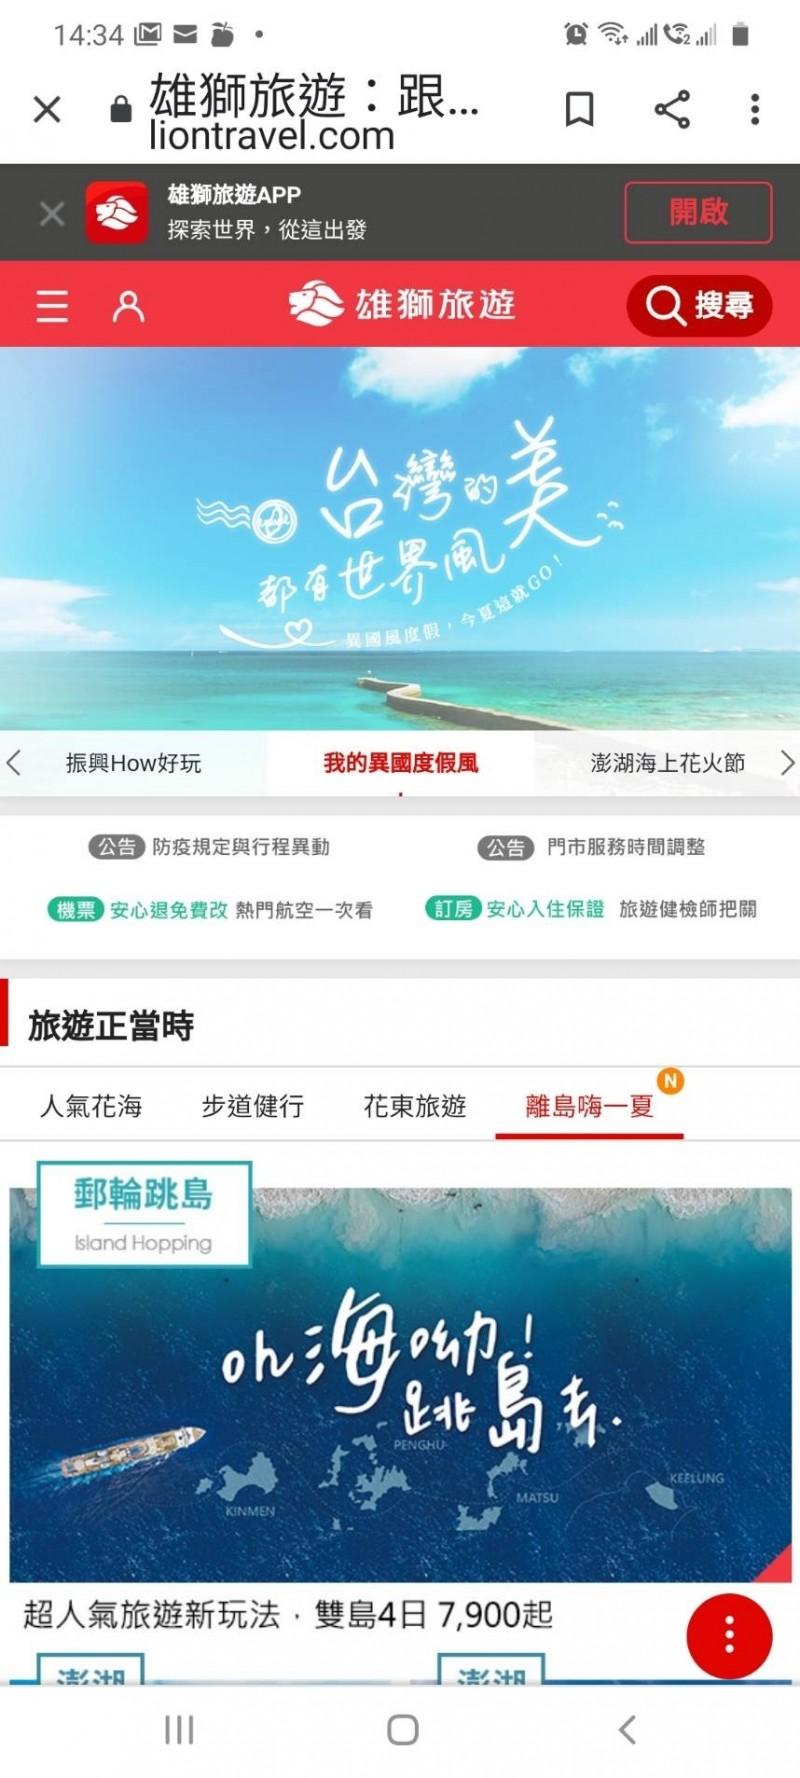 國旅大帶動 雄獅6月營收月增84.04%